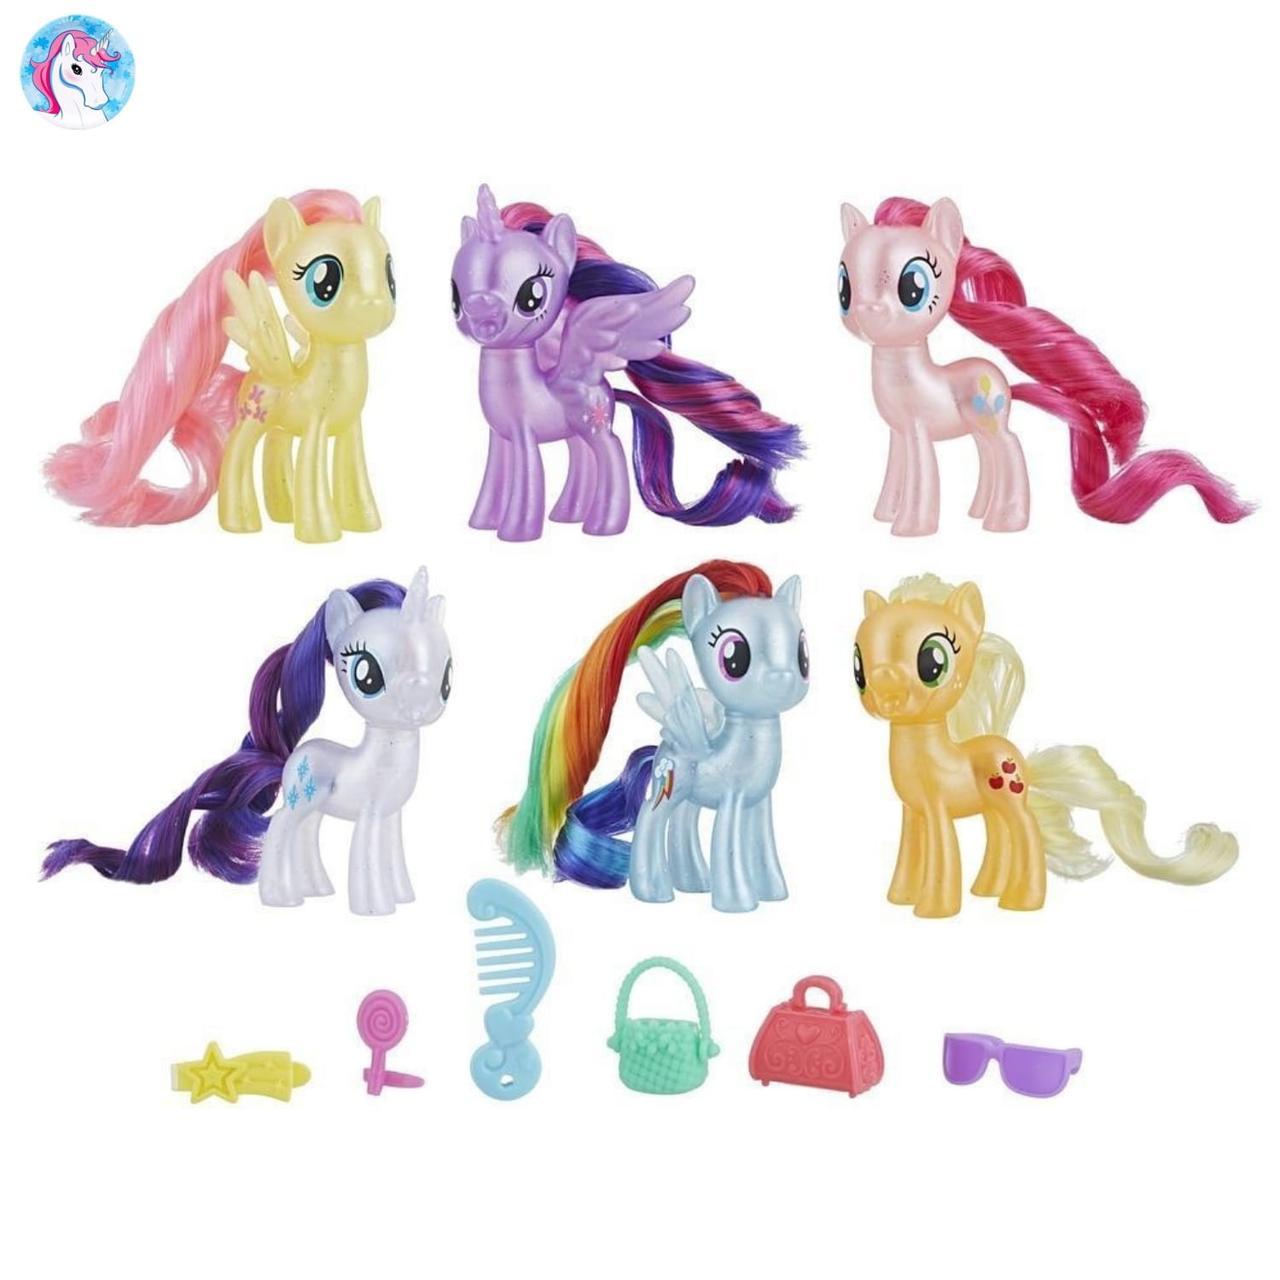 Набор Май Литл Пони из 6 фигурок пони My Little Pony 6 Celebration Set -  Детские 6b136cfa79c